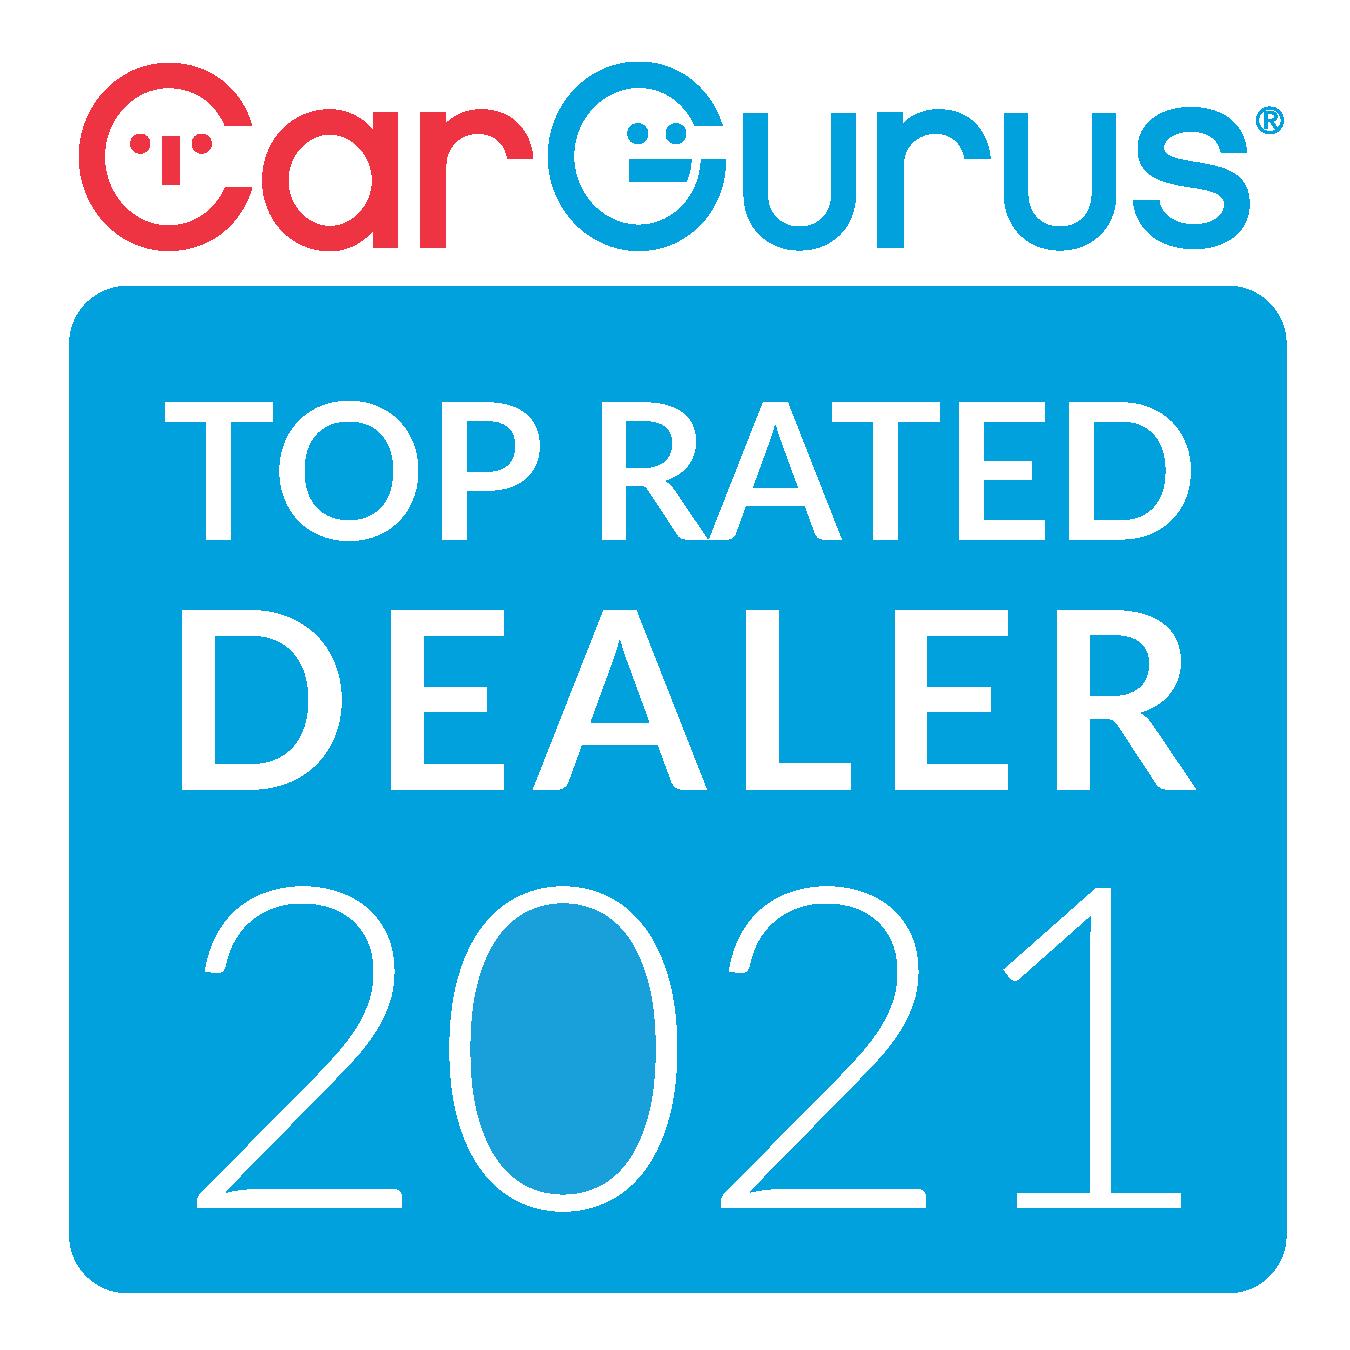 cargurus_2021